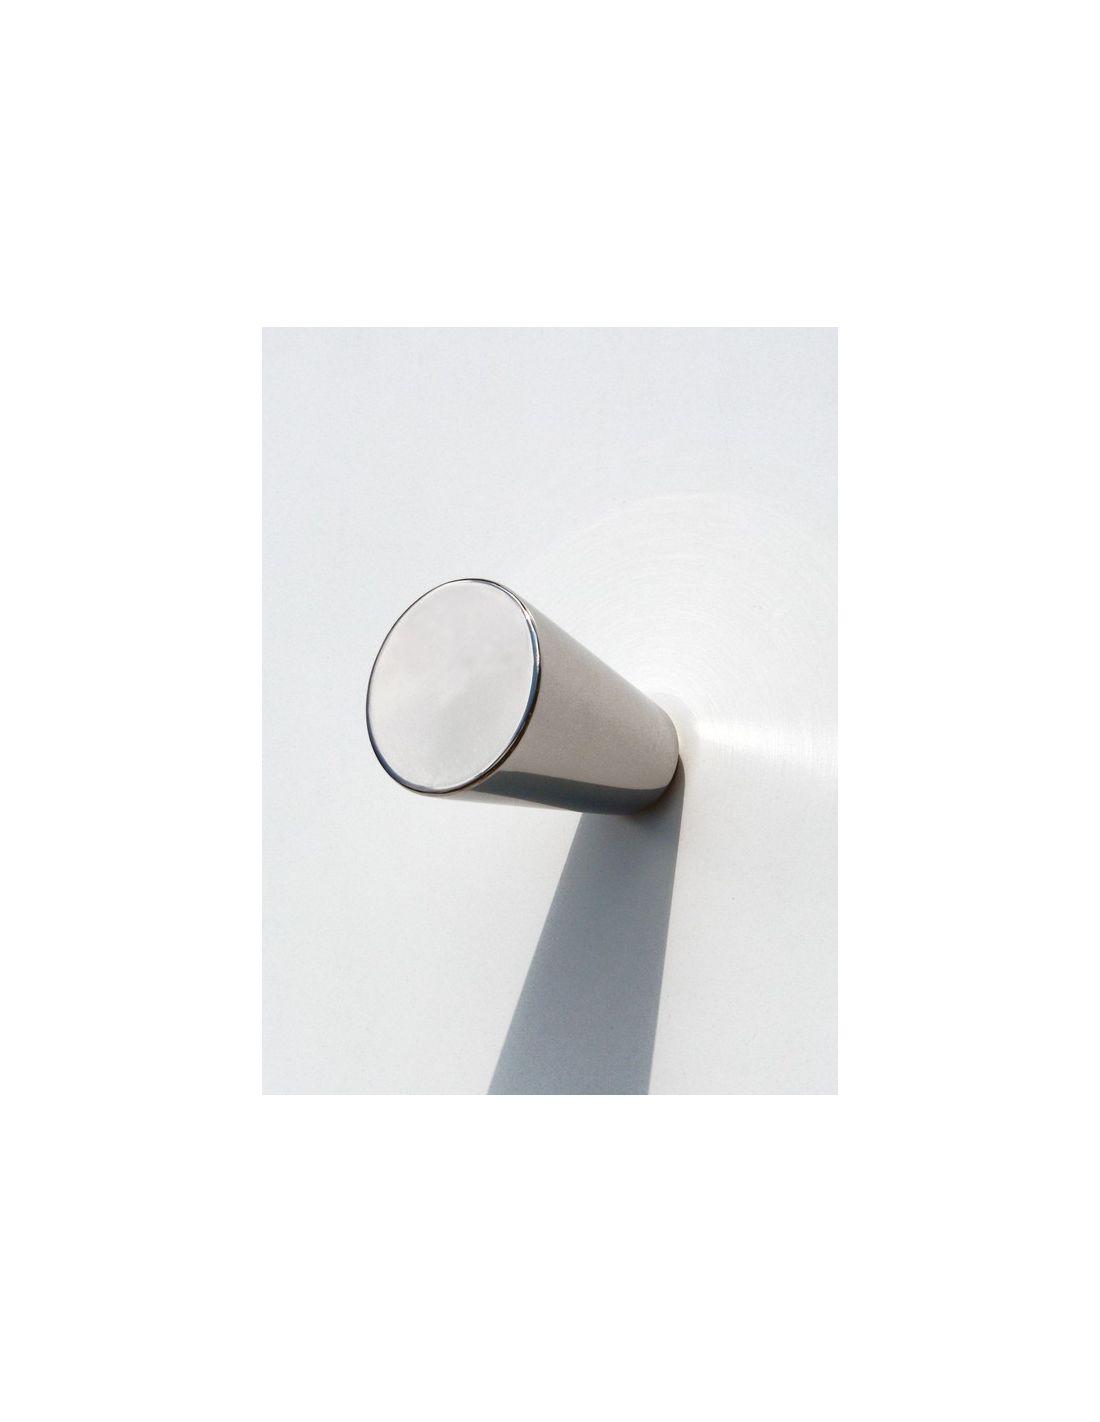 Attaccapanni a muro design in acciaio cone - Attaccapanni a muro design ...